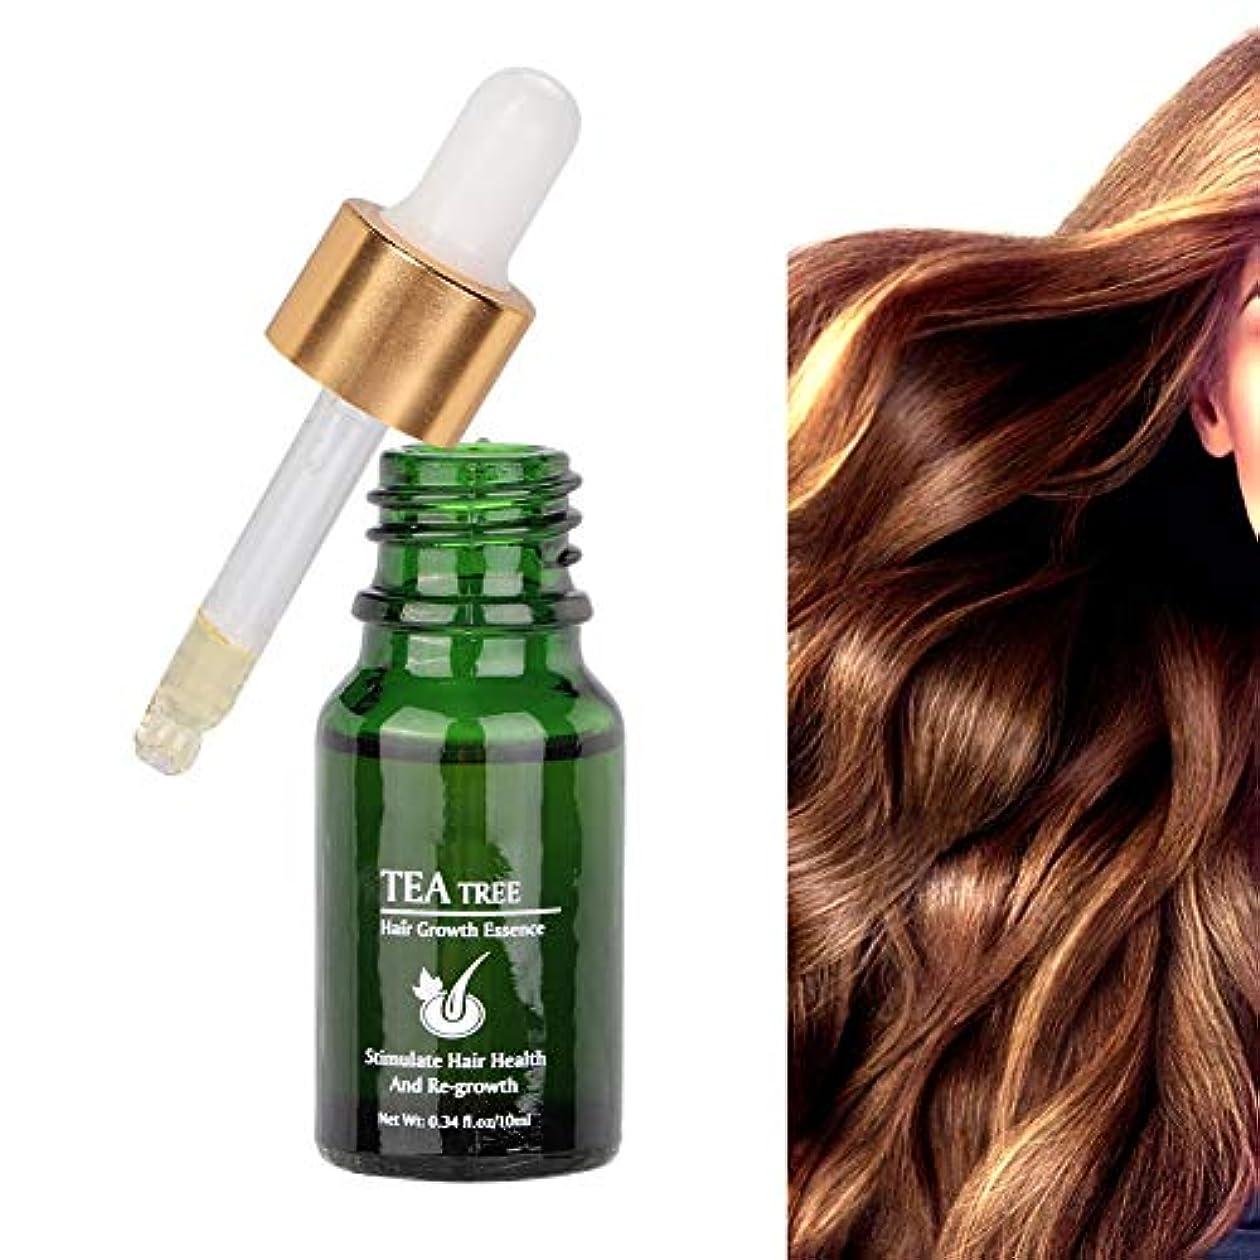 浅いウォーターフロントカジュアル女性と男性のためのヘアケア液、プロのヘアケア液の増粘と滑らかな髪と栄養頭皮、